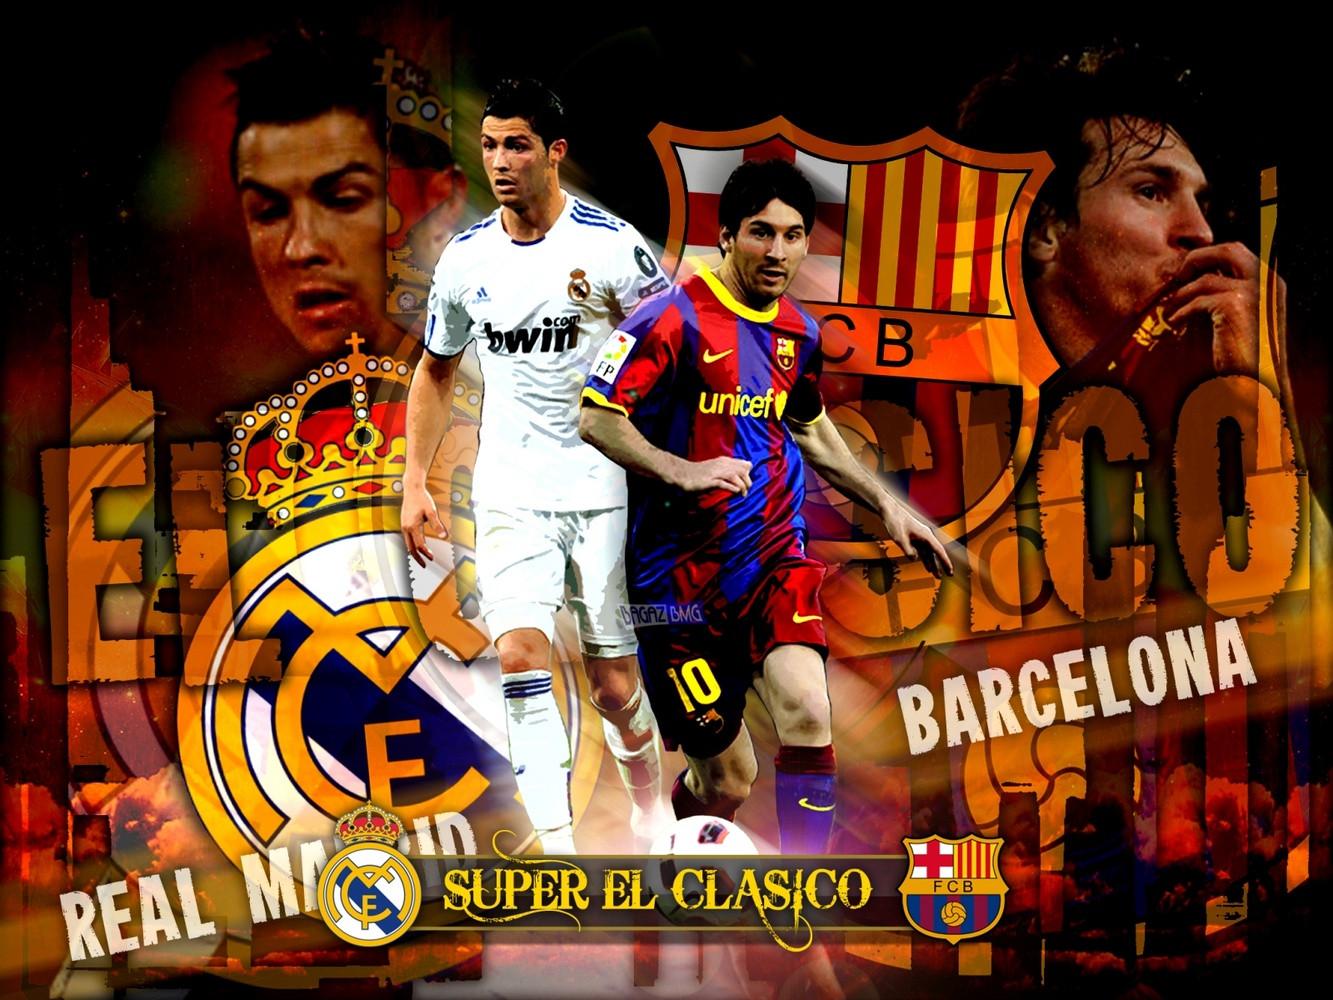 Foto Cristiano Ronaldo Vs Lionel Messi 2015 Terbaru 2015 1333x1000